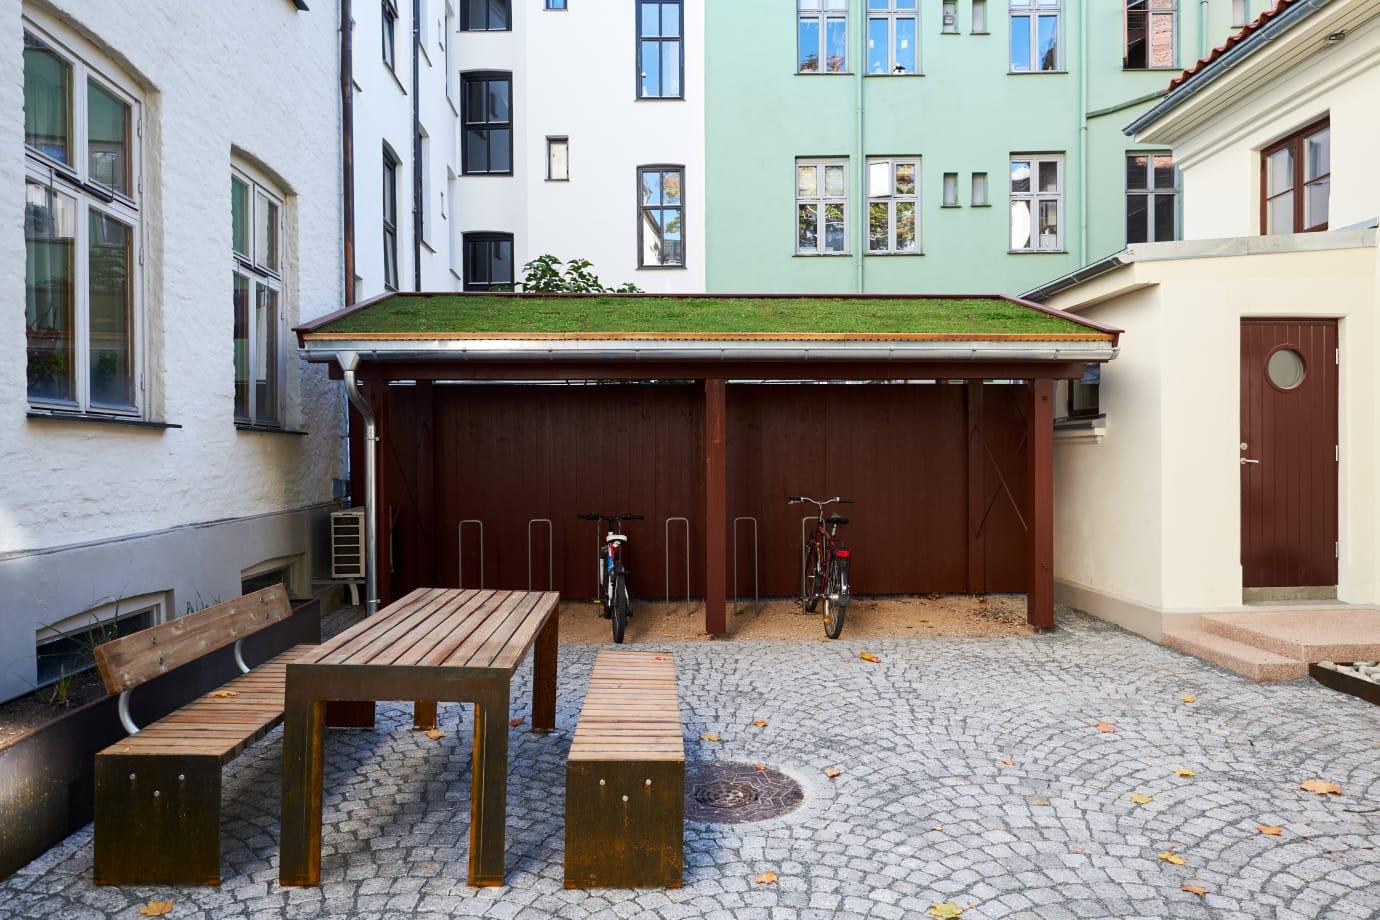 Bakgården i Bergsliens gate har blitt istandsatt med bedre overvannshåndtering og nytt uttrykk med vakkert lagt brostein, planter, benker og bord, samt et sykkel- og vognskur med grønt tak.